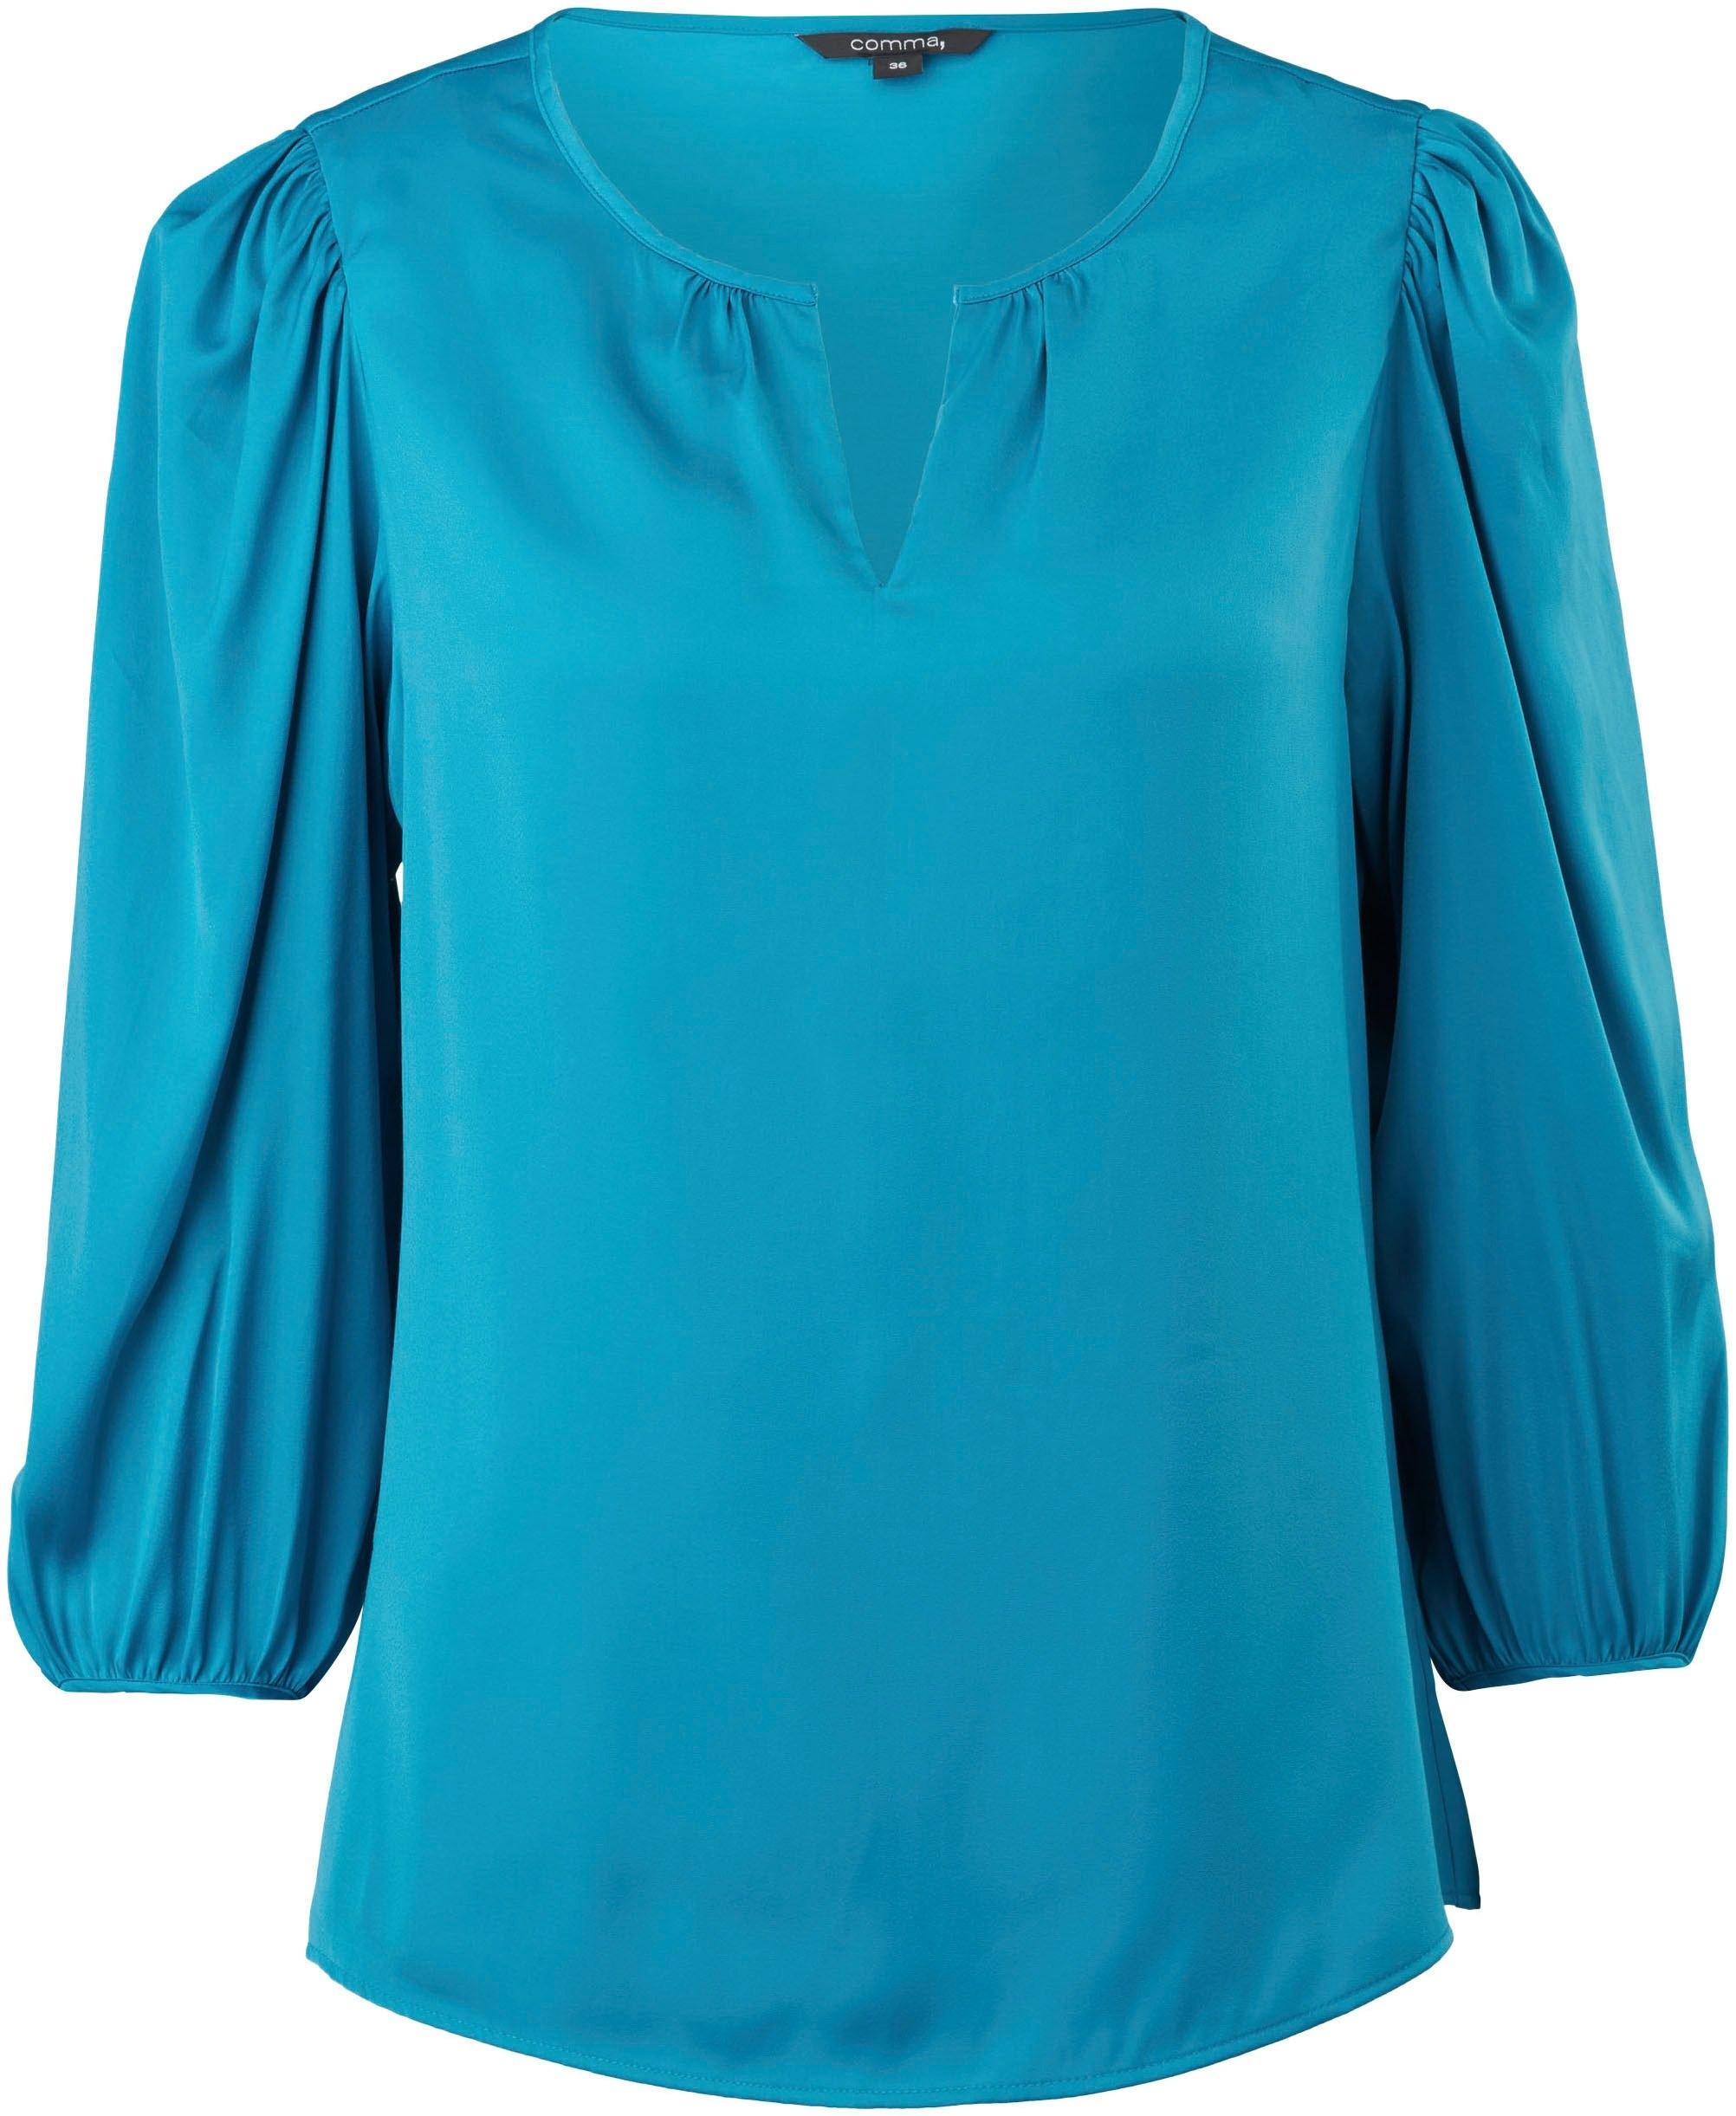 Comma satijnen blouse met tuniekhals en wijde 3/4-mouwen online kopen op otto.nl